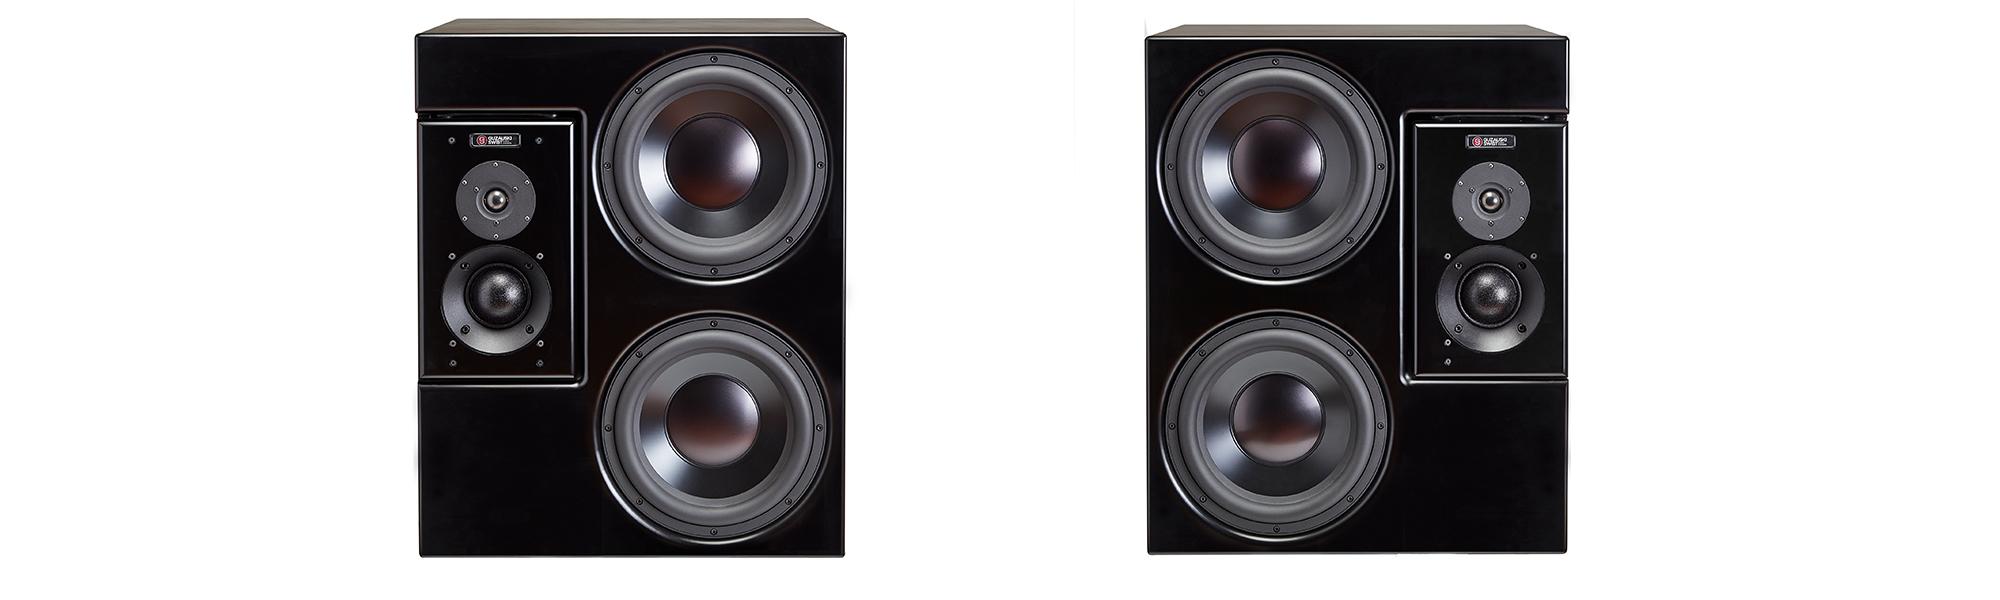 GS4 pair